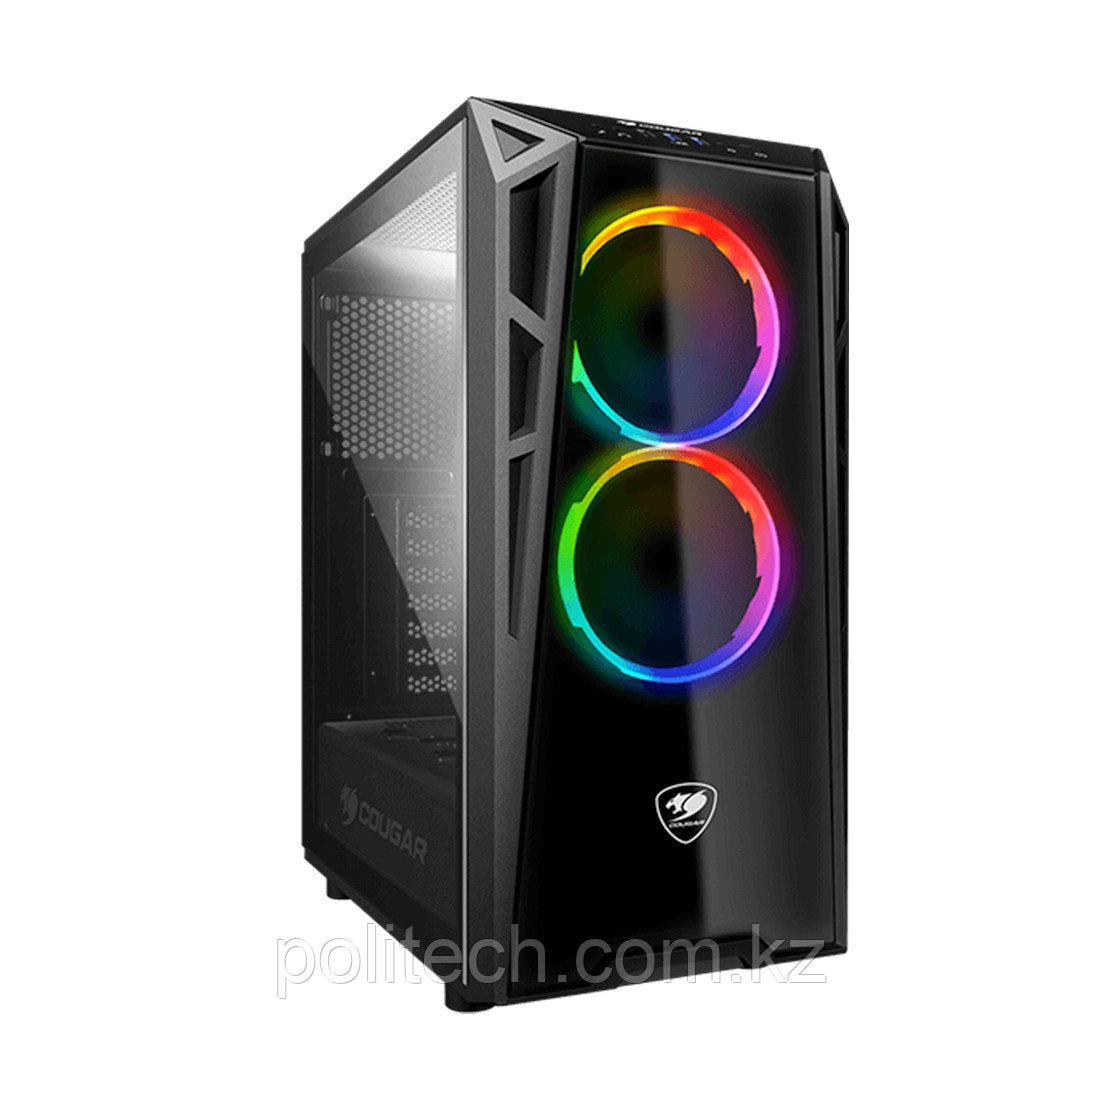 Компьютерный корпус Cougar Turret RGB без Б/П